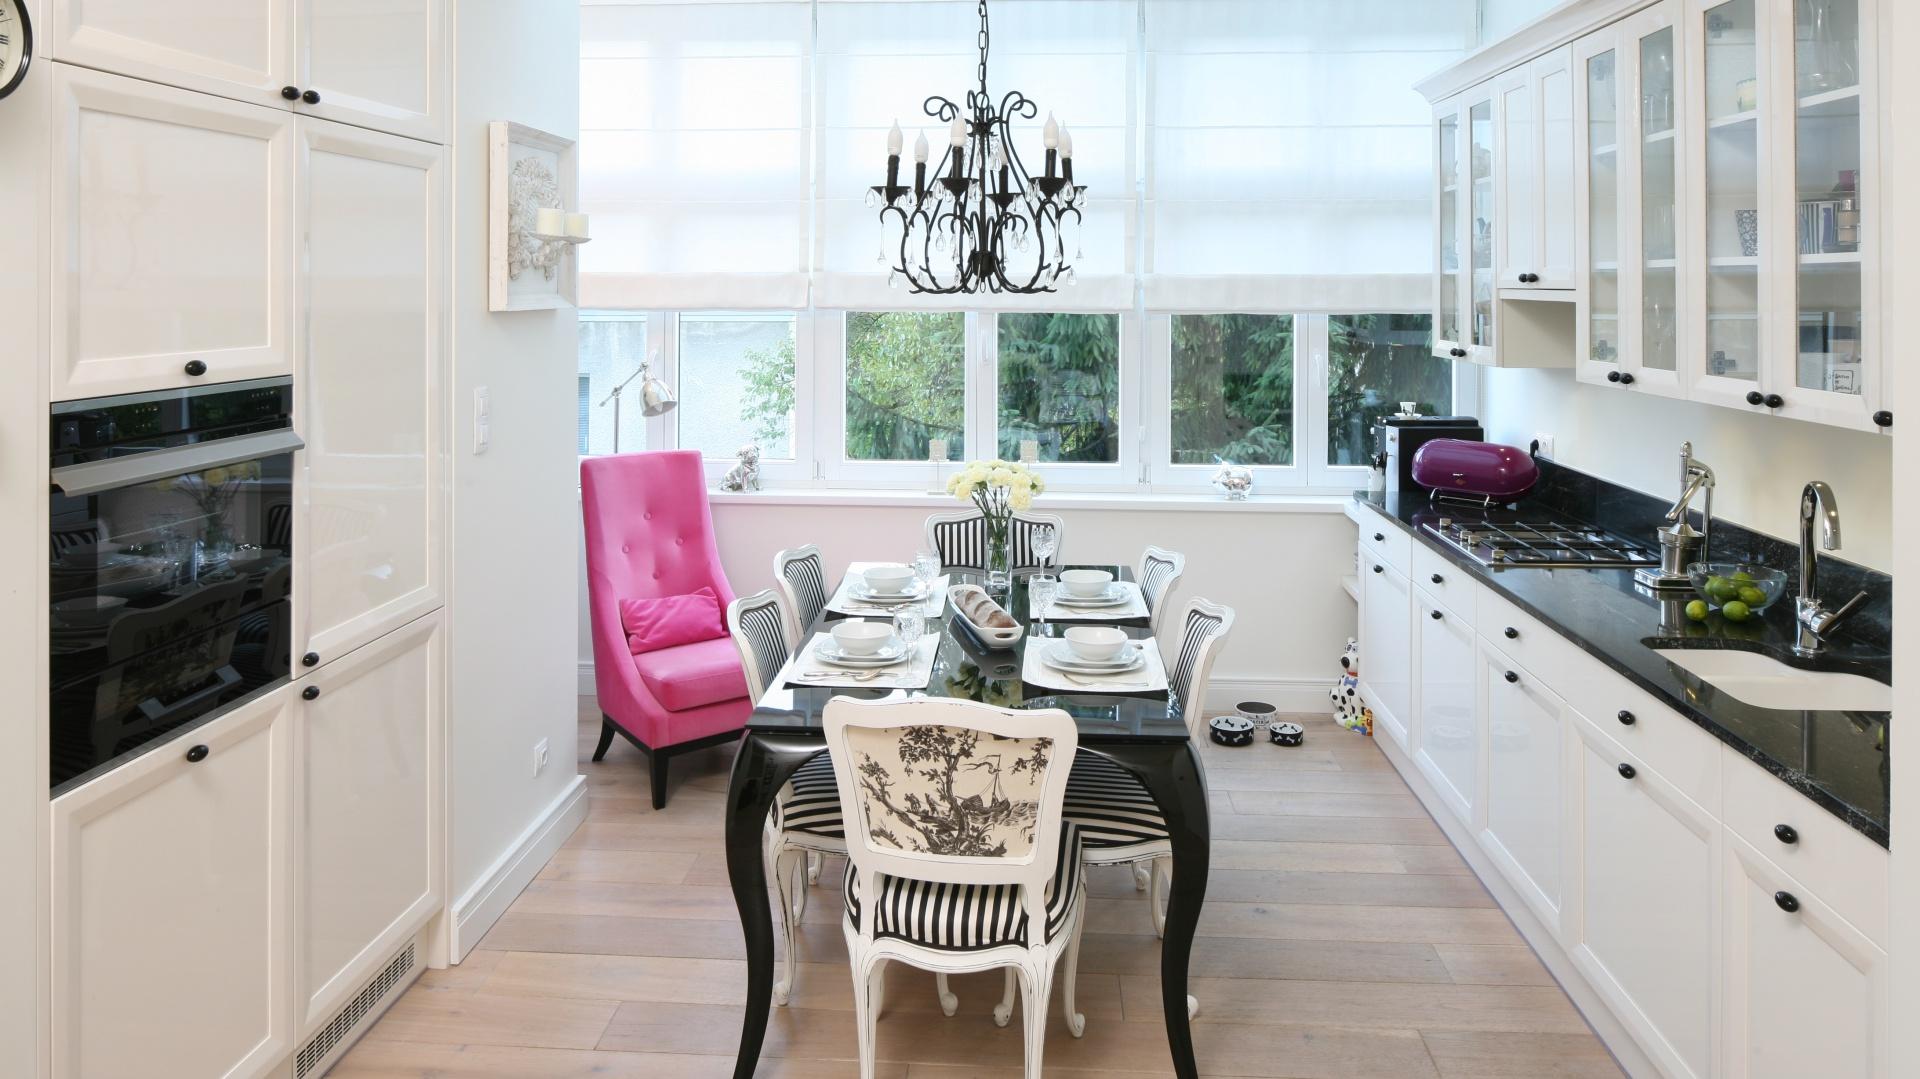 Czarny jest również francuski żyrandol i stylizowany stół, do którego dobrano biało-czarne ozdobne krzesła. Projekt: Małgorzata Galewska. Fot. Bartosz Jarosz.